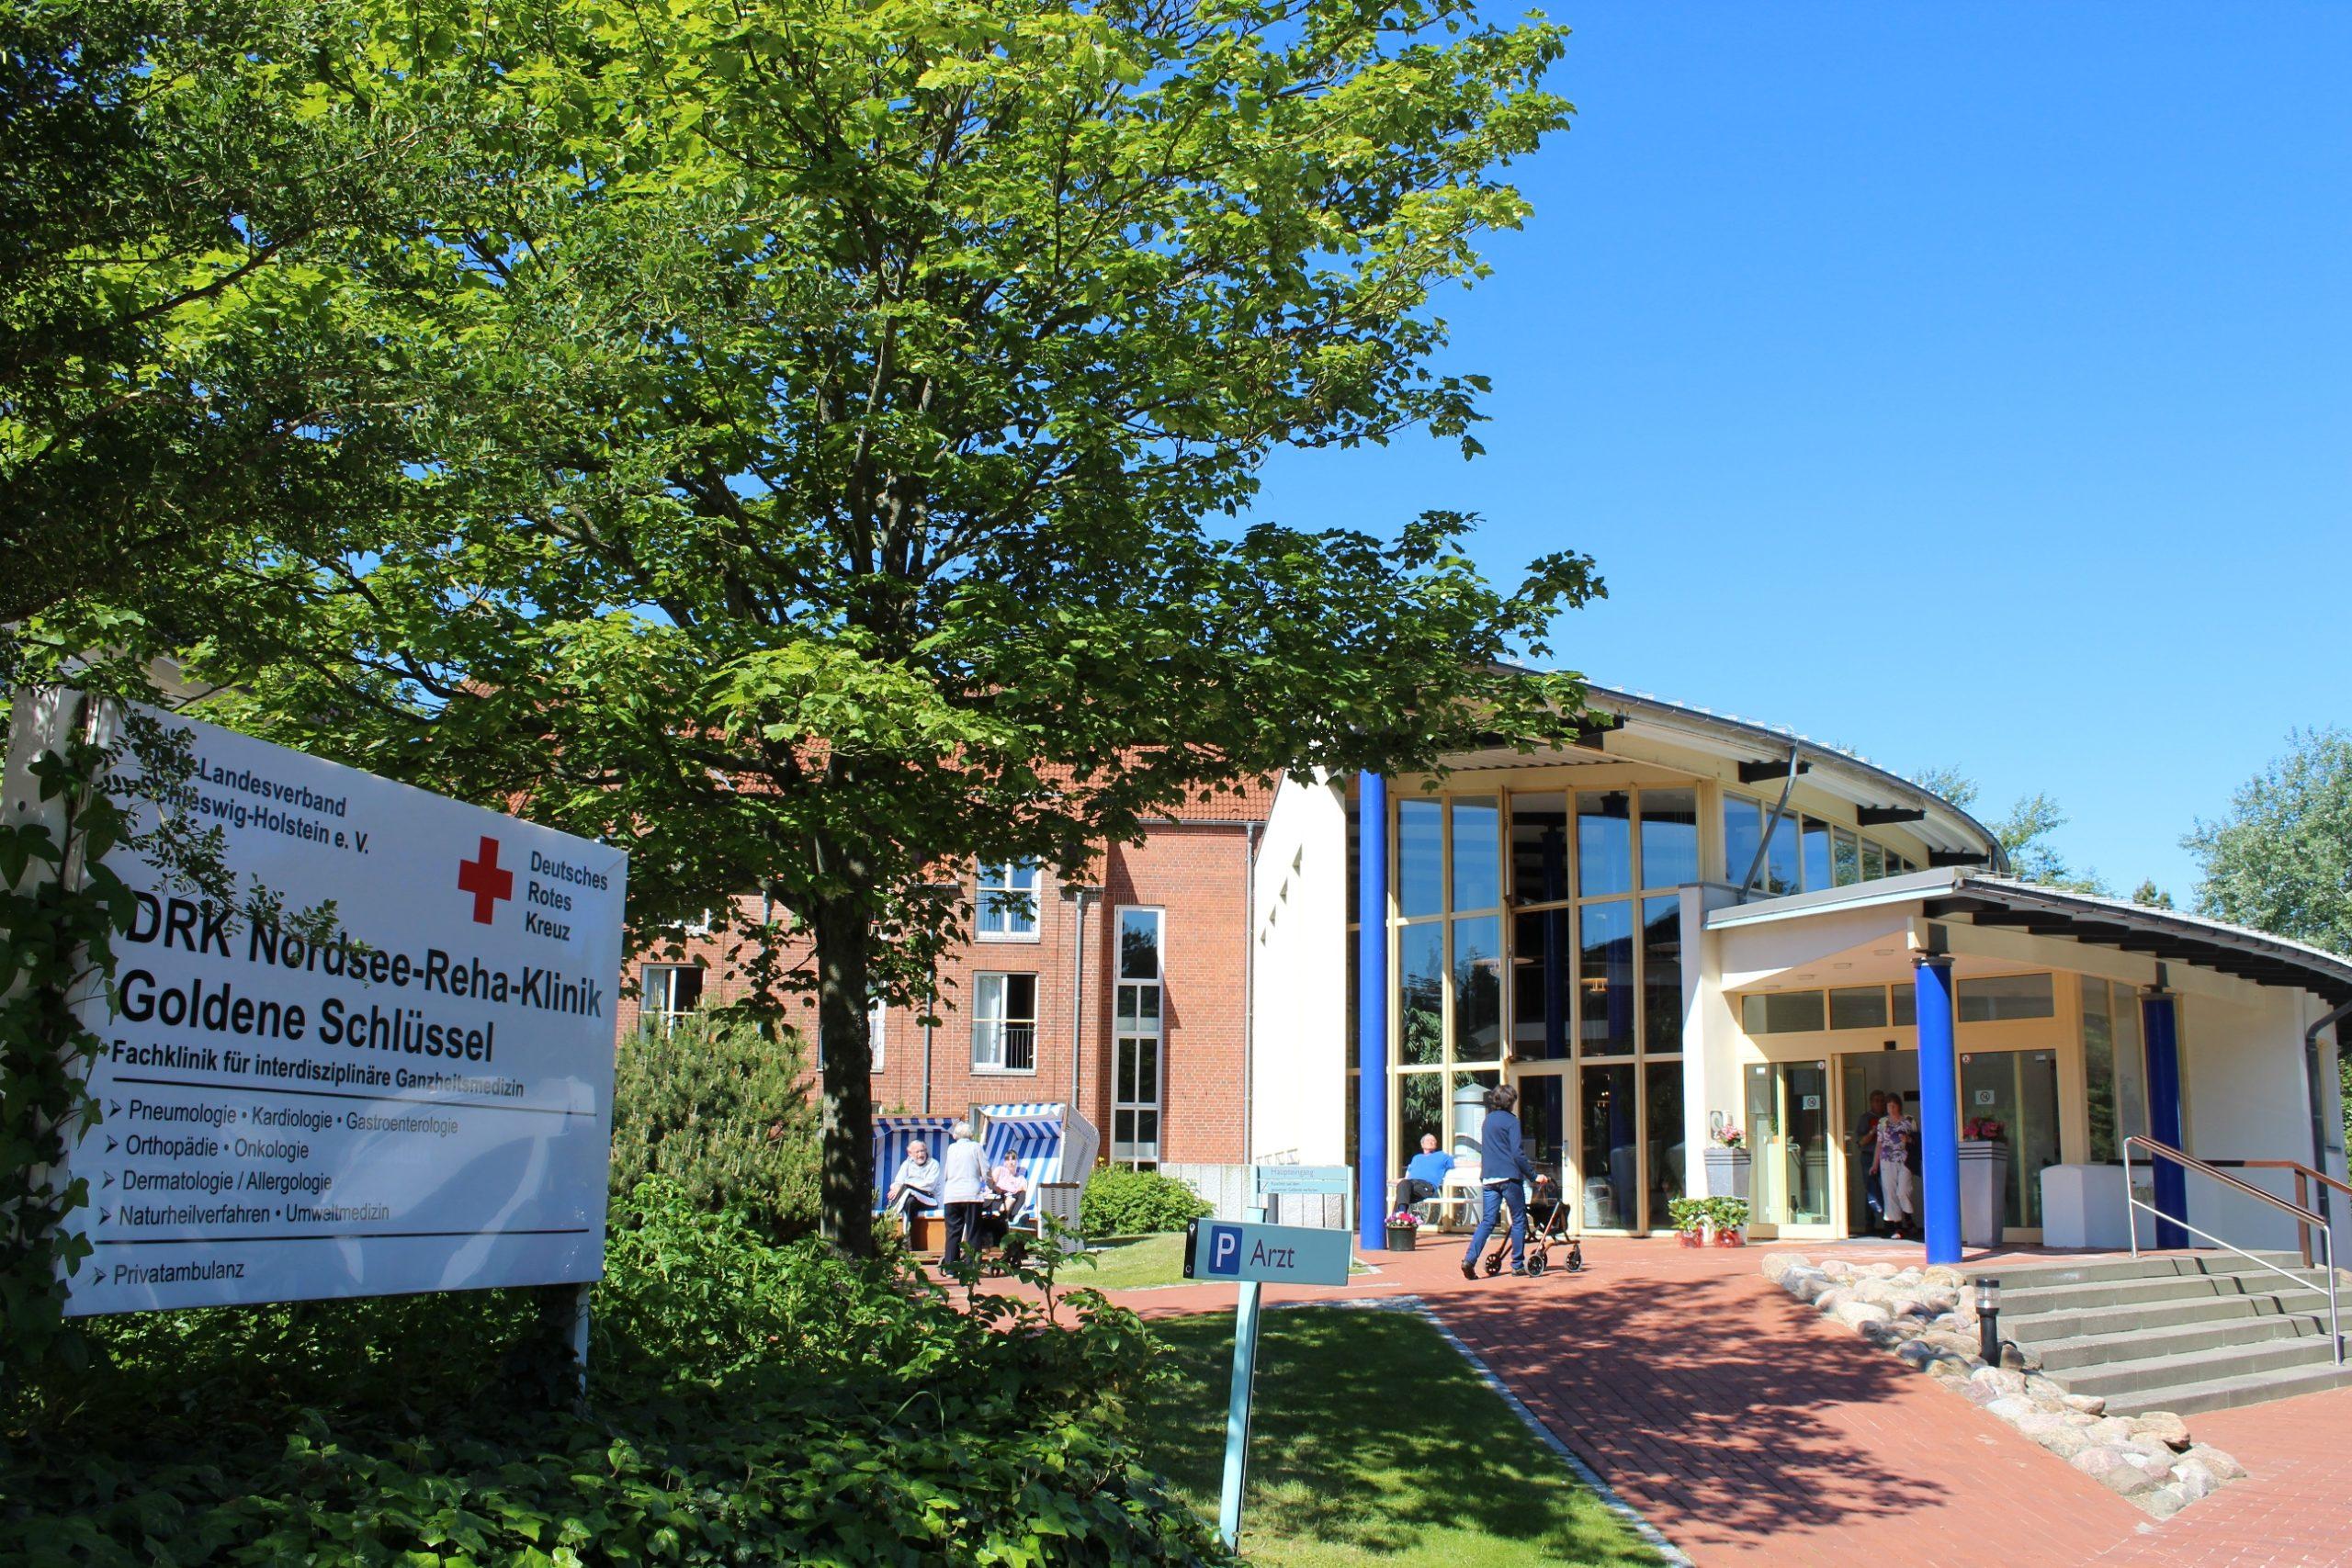 DRK-Nordsee-Reha-Klinik in St. Peter-Ording an der Nordsee